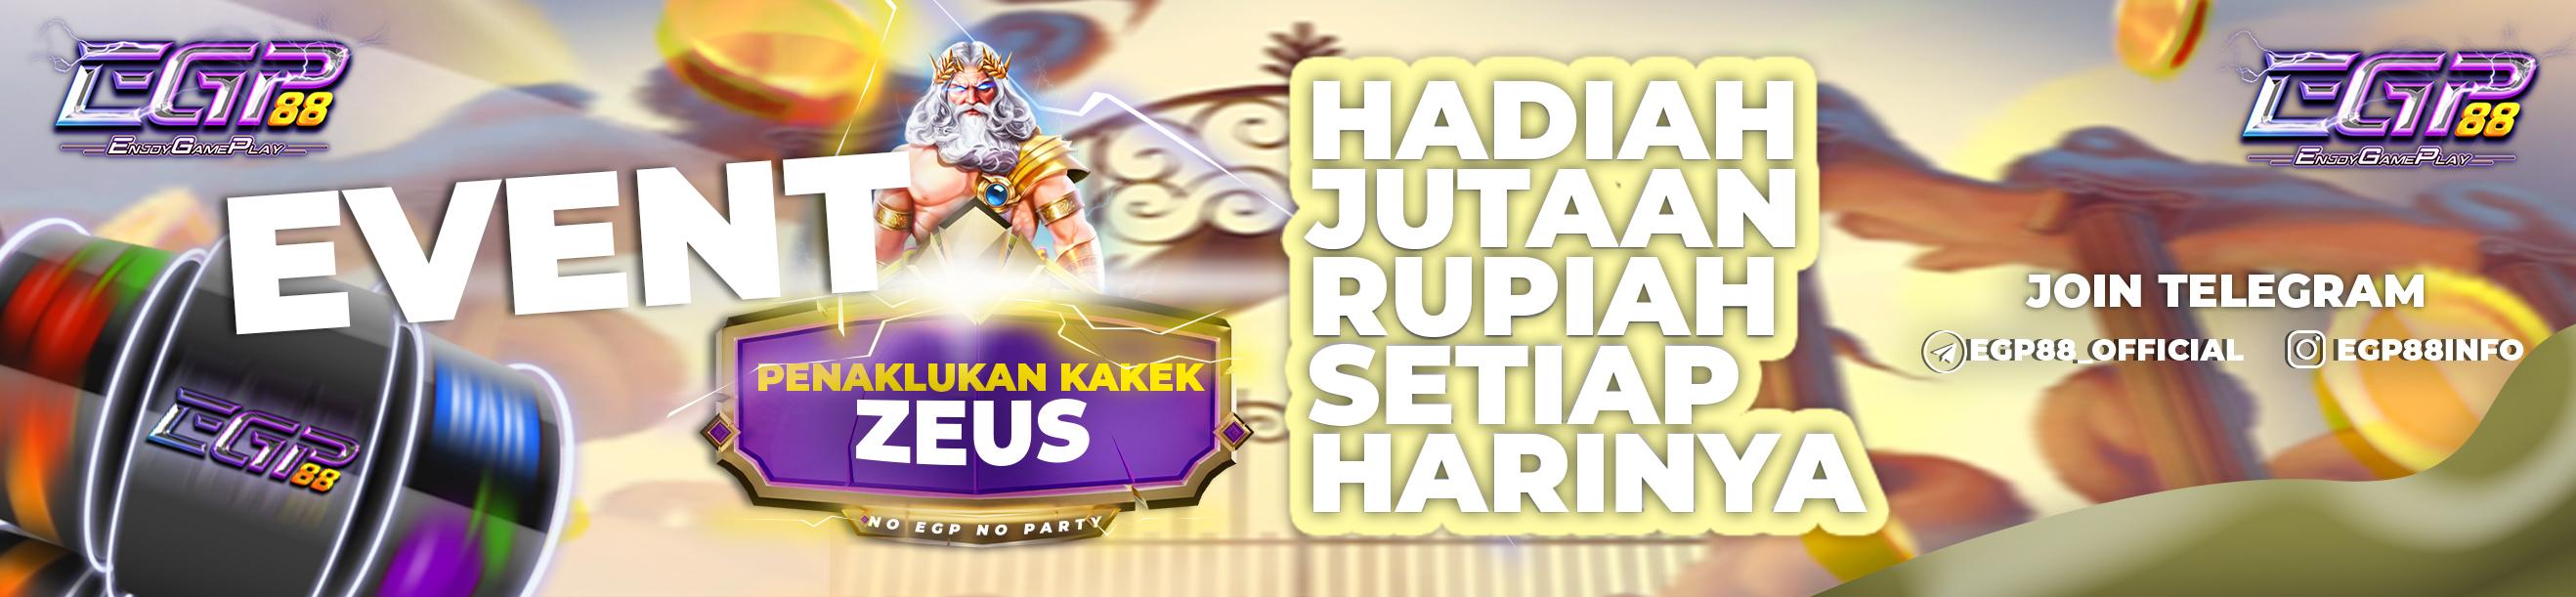 Event Zeus